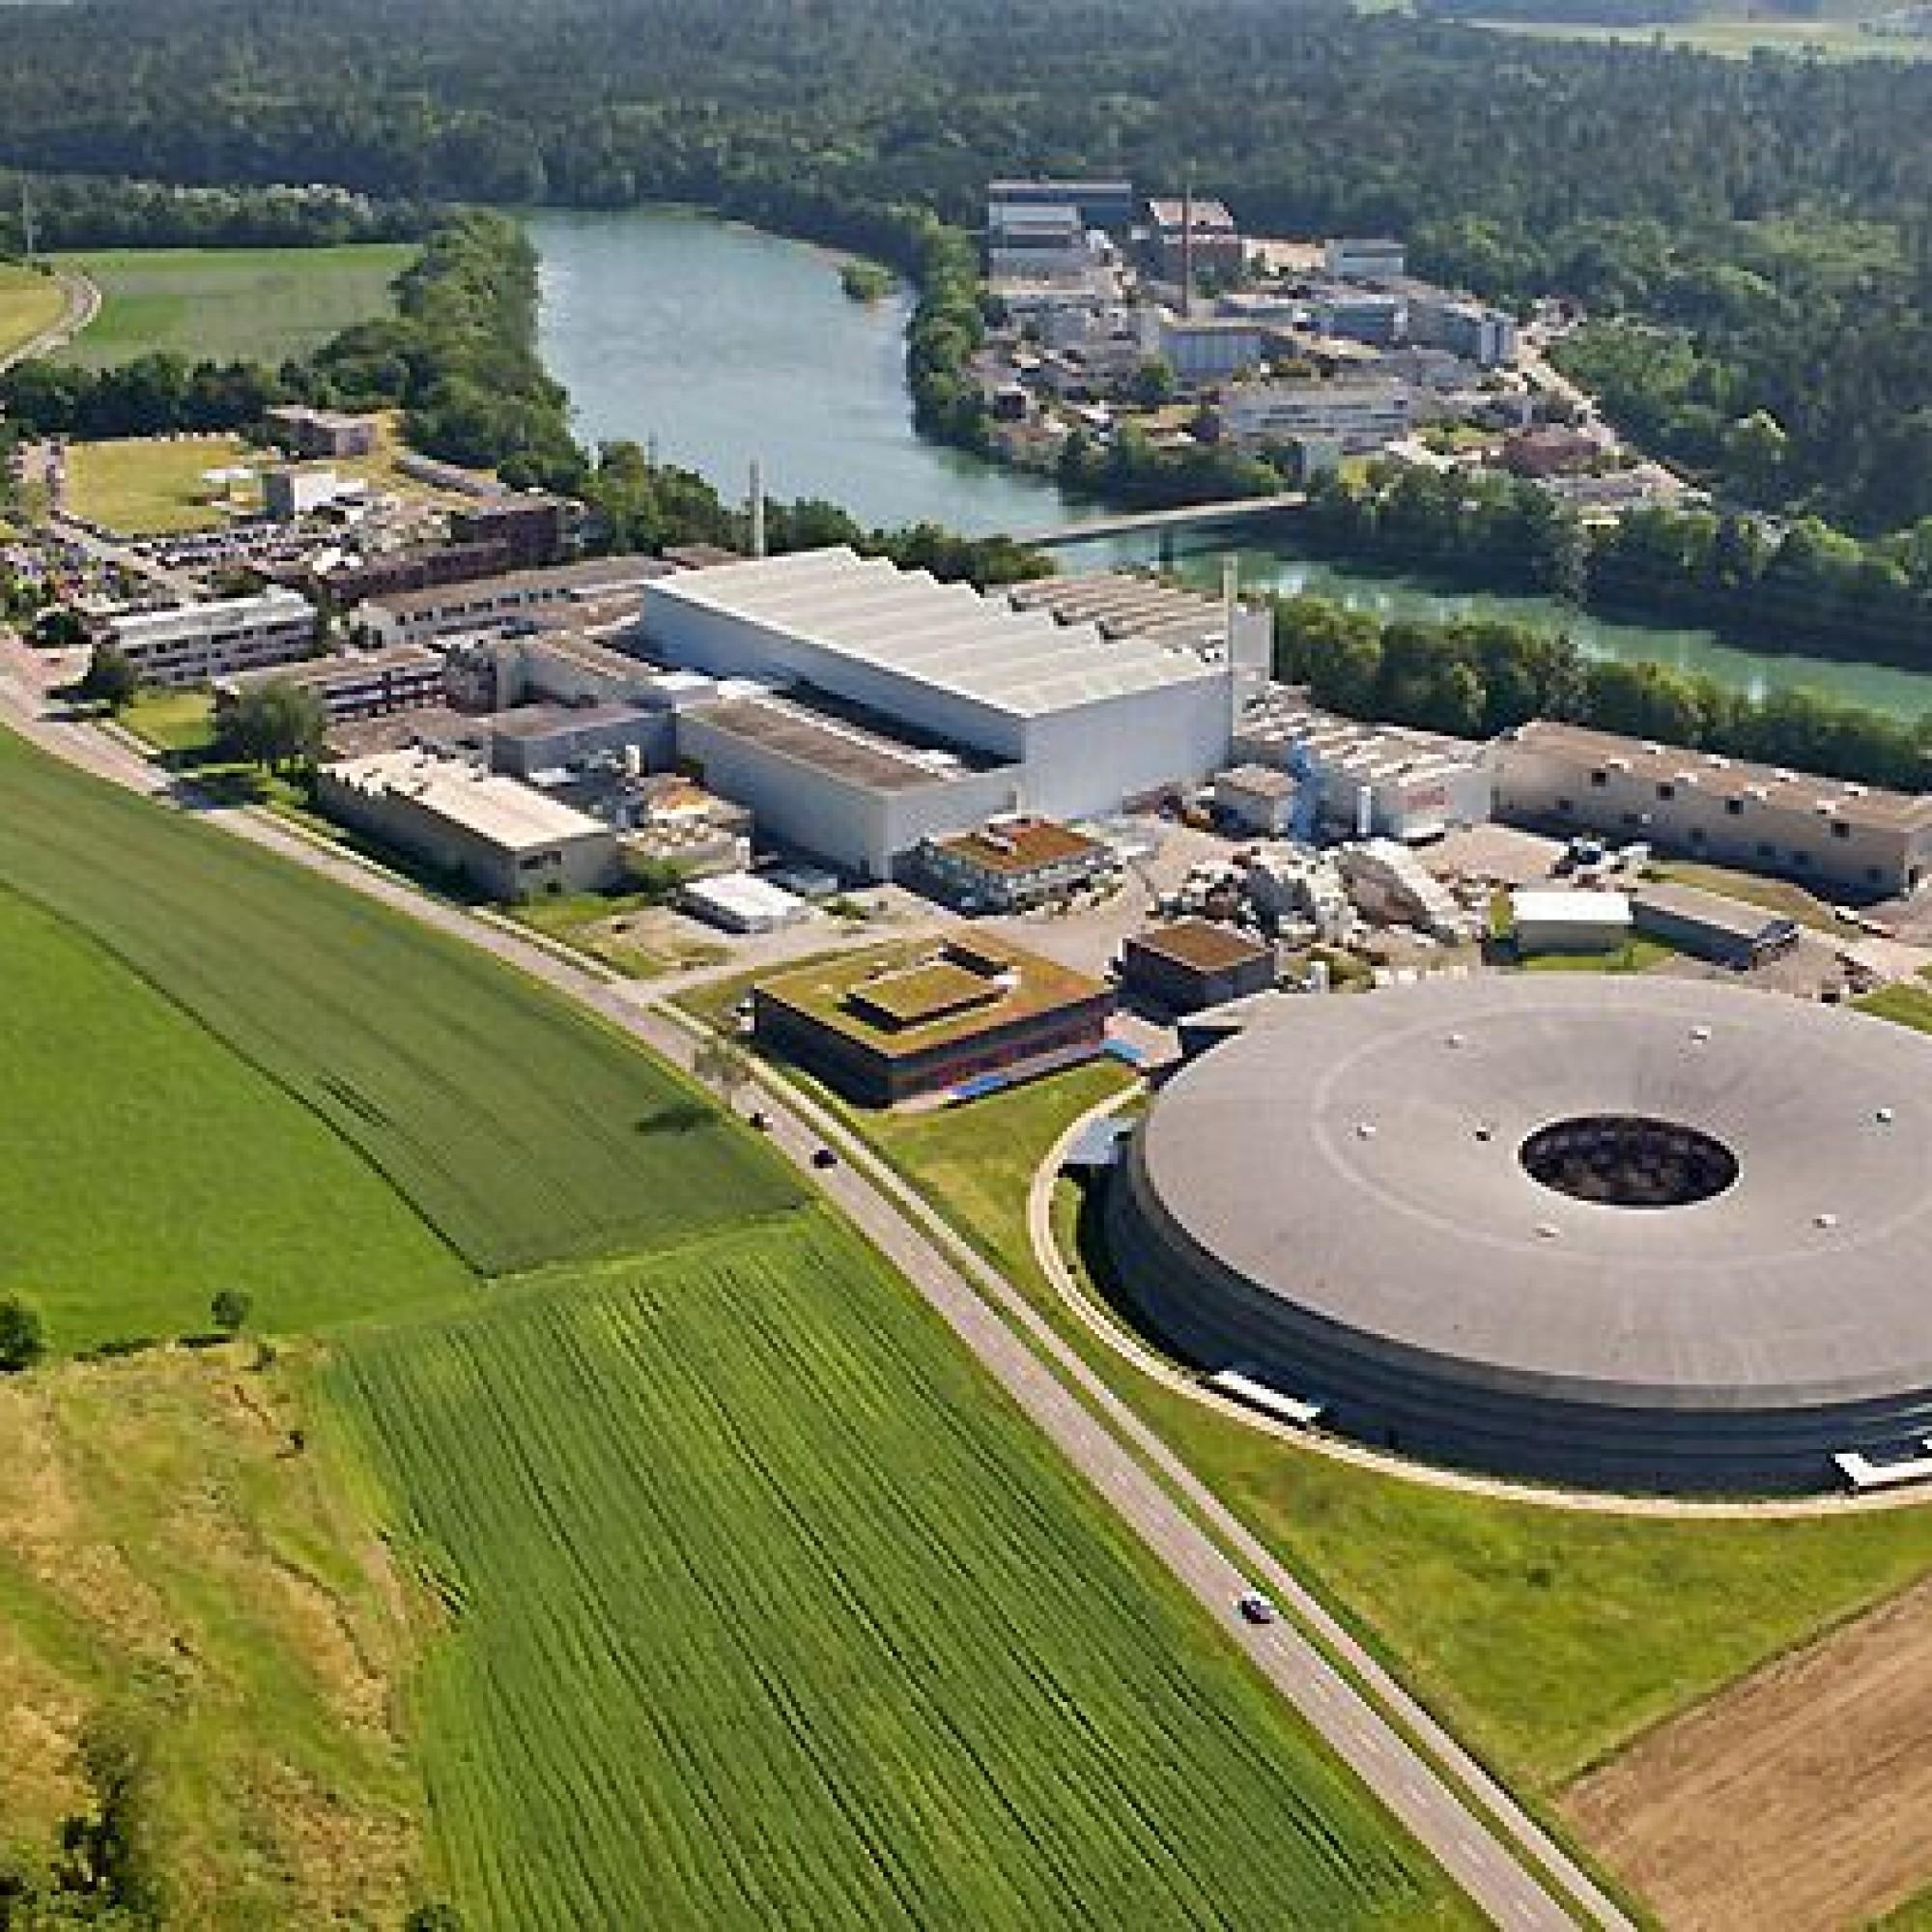 Das PSI in Villigen AG will das atomare Zwischenlager des Bundes in seiner Nachbarschaft ausbauen (Bild: PSI)